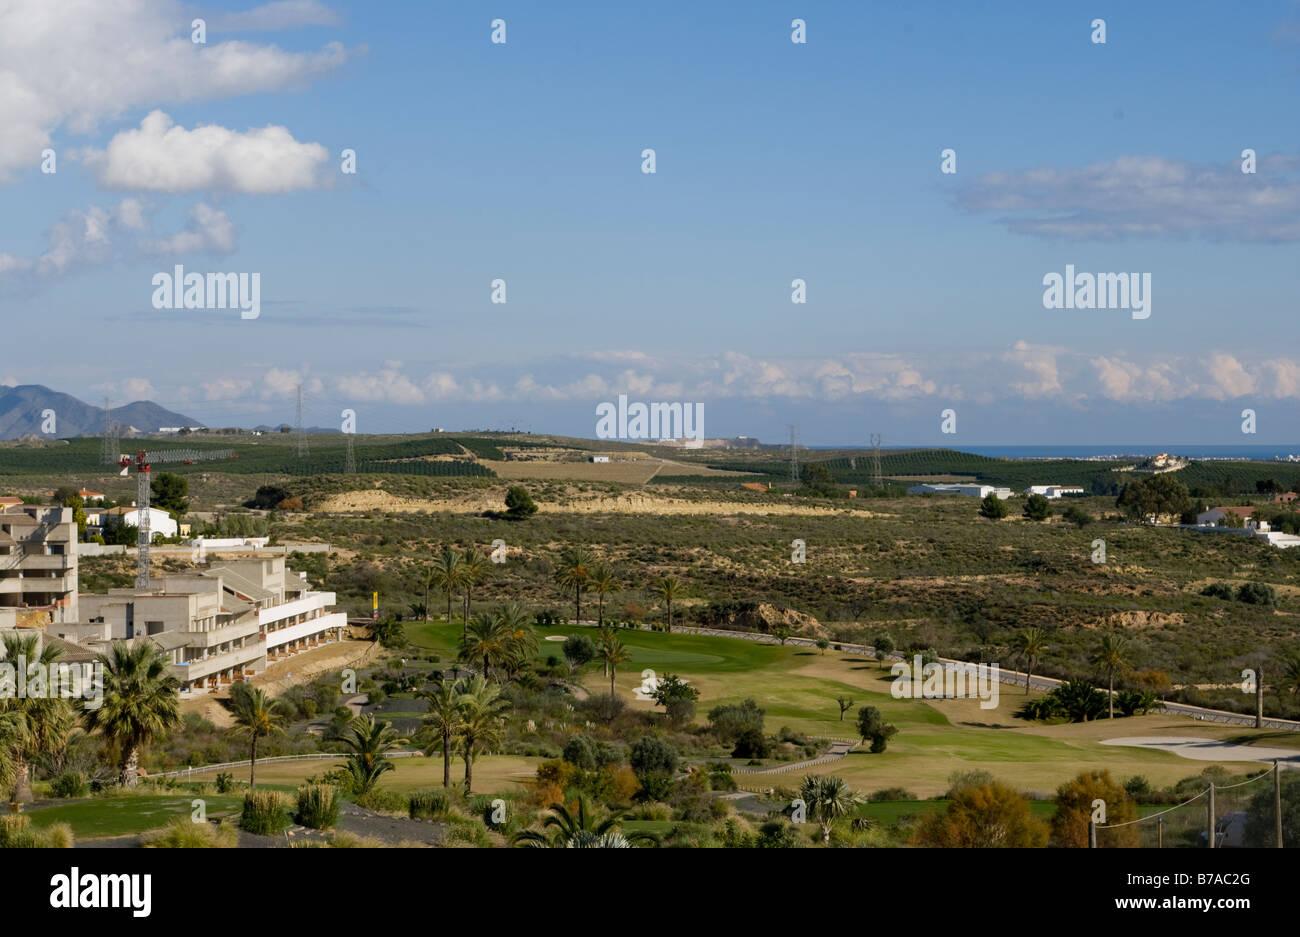 El primer hoyo del campo de golf Valle Del Este Vera Almería España Golf Resorts Foto de stock